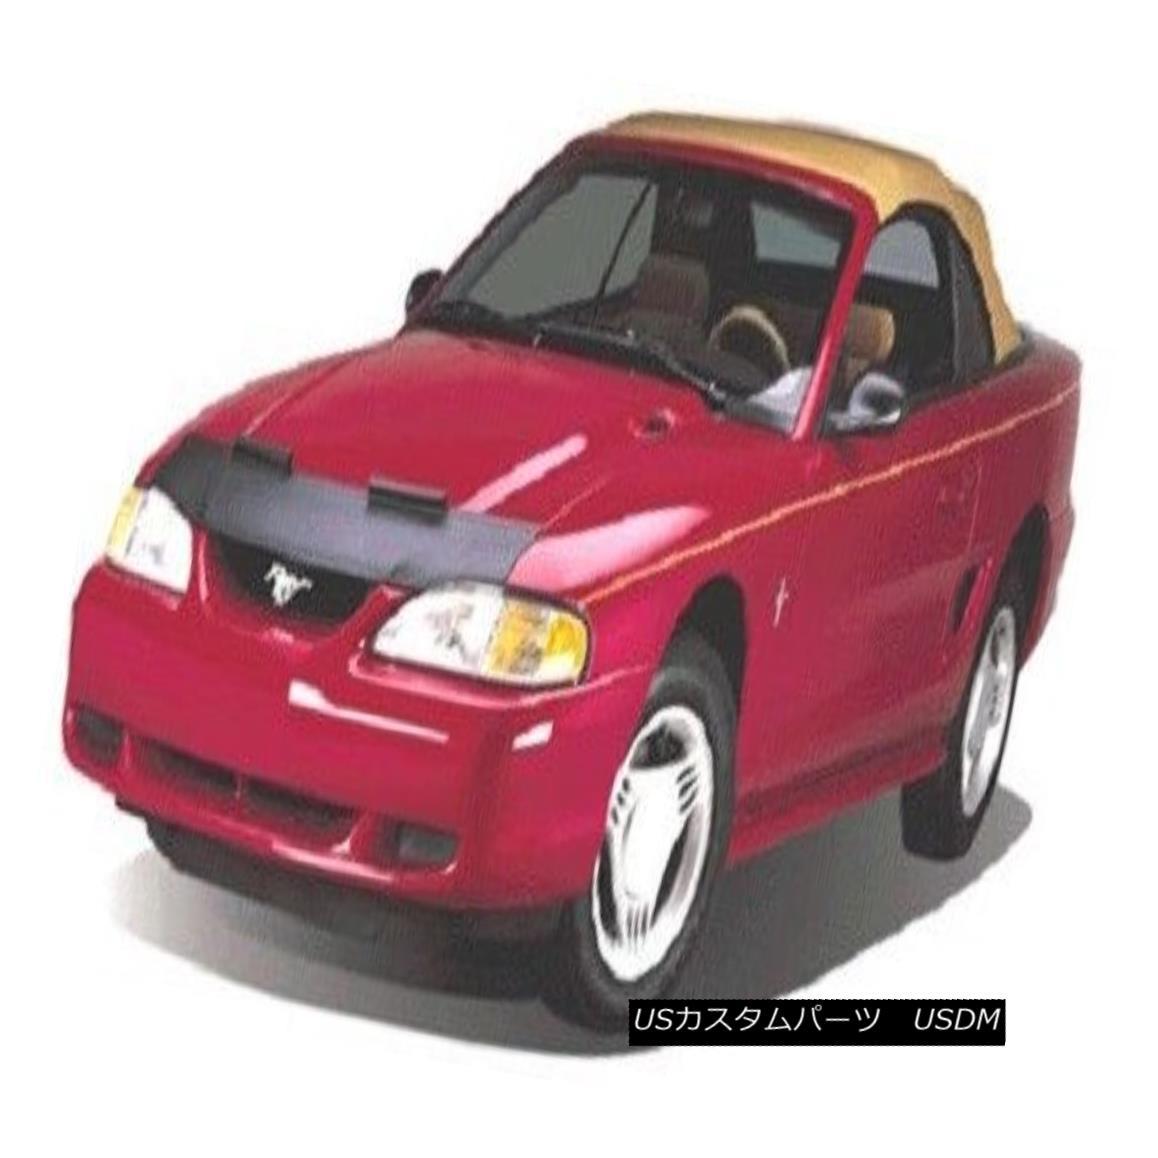 フルブラ ノーズブラ Lebra Hood Protector Mini Mask Bra Fits Chevrolet Cobalt 2005-2010  LebraフードプロテクターミニマスクブラはChevrolet Cobalt 2005-2010に合っています